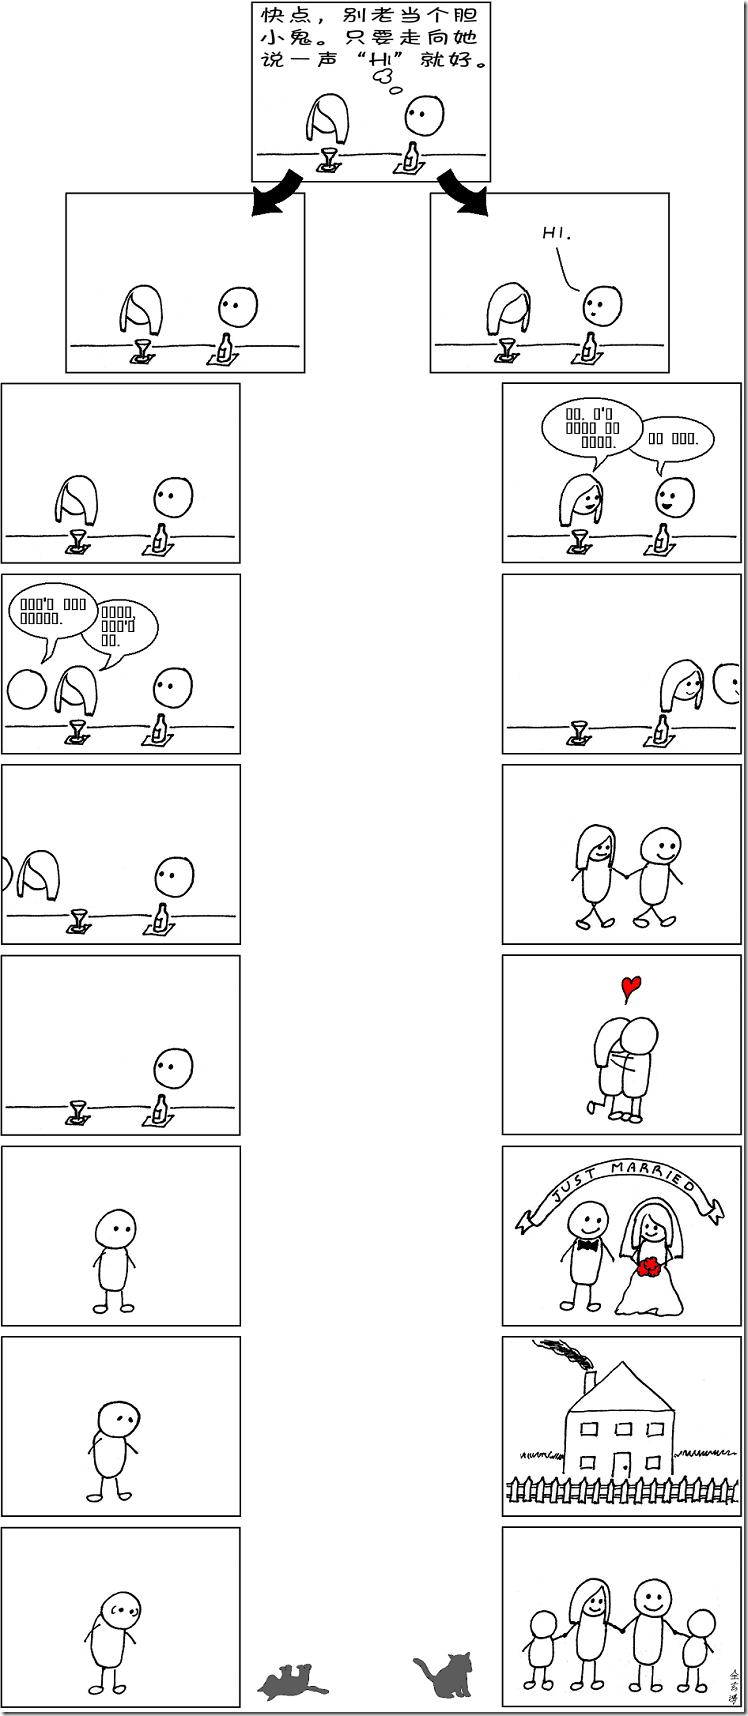 漫漫画画玩科学